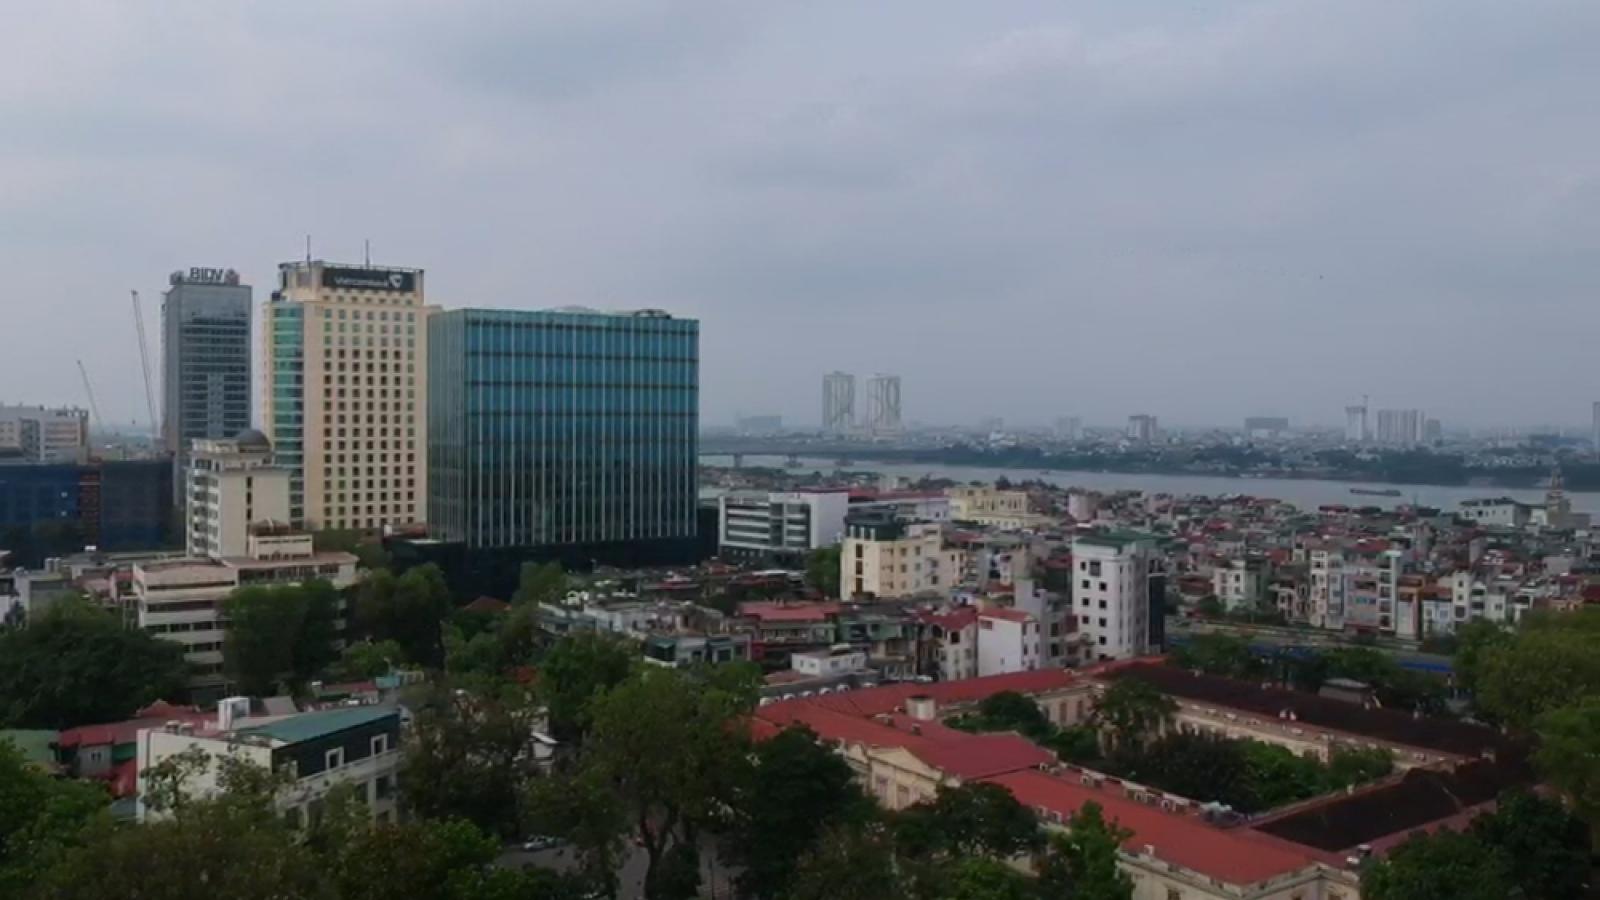 Hà Nội chưa thể làm đê hai bên bờ sông Hồng và di dời 900.000 dân